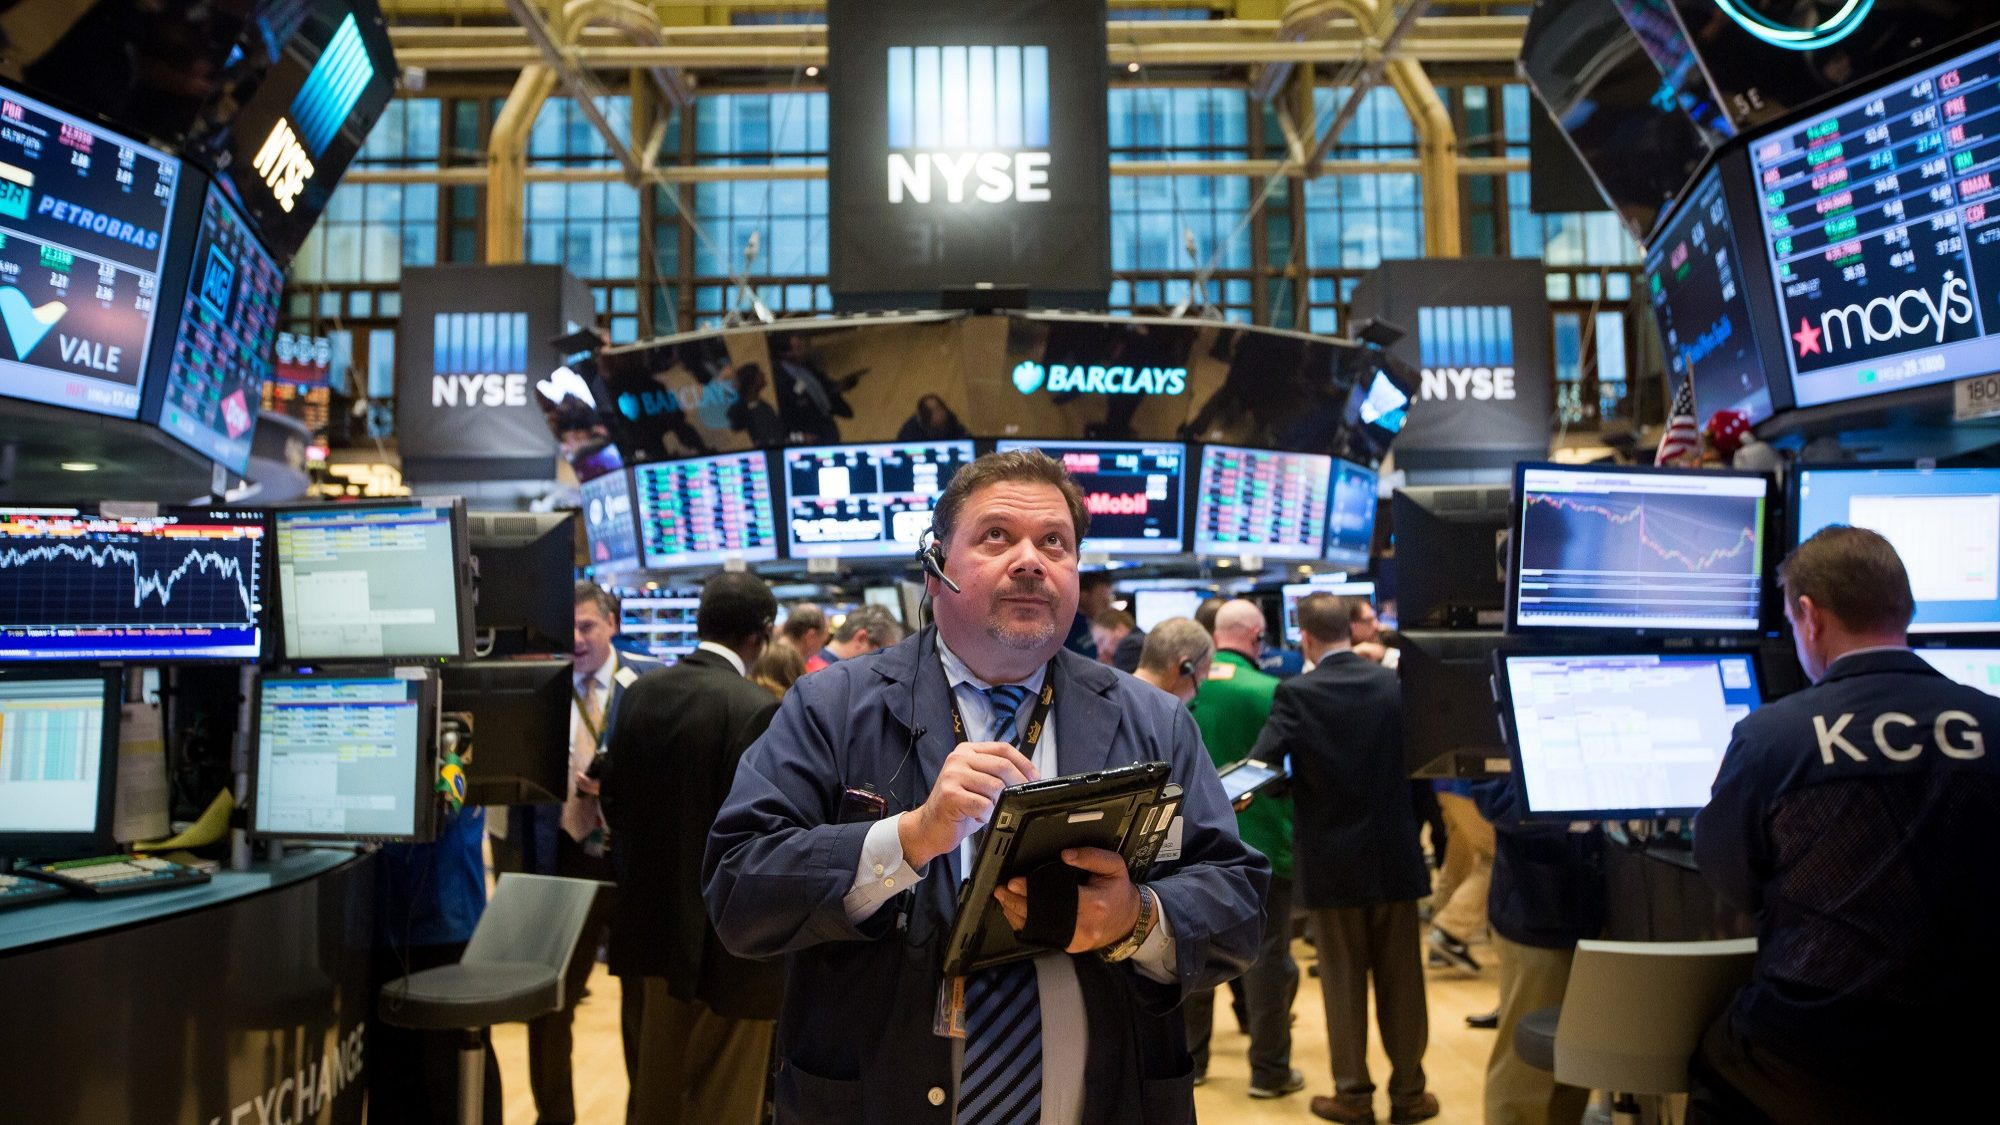 Juros da dívida castigam Wall Street mas fechou com ganho muito ligeiro